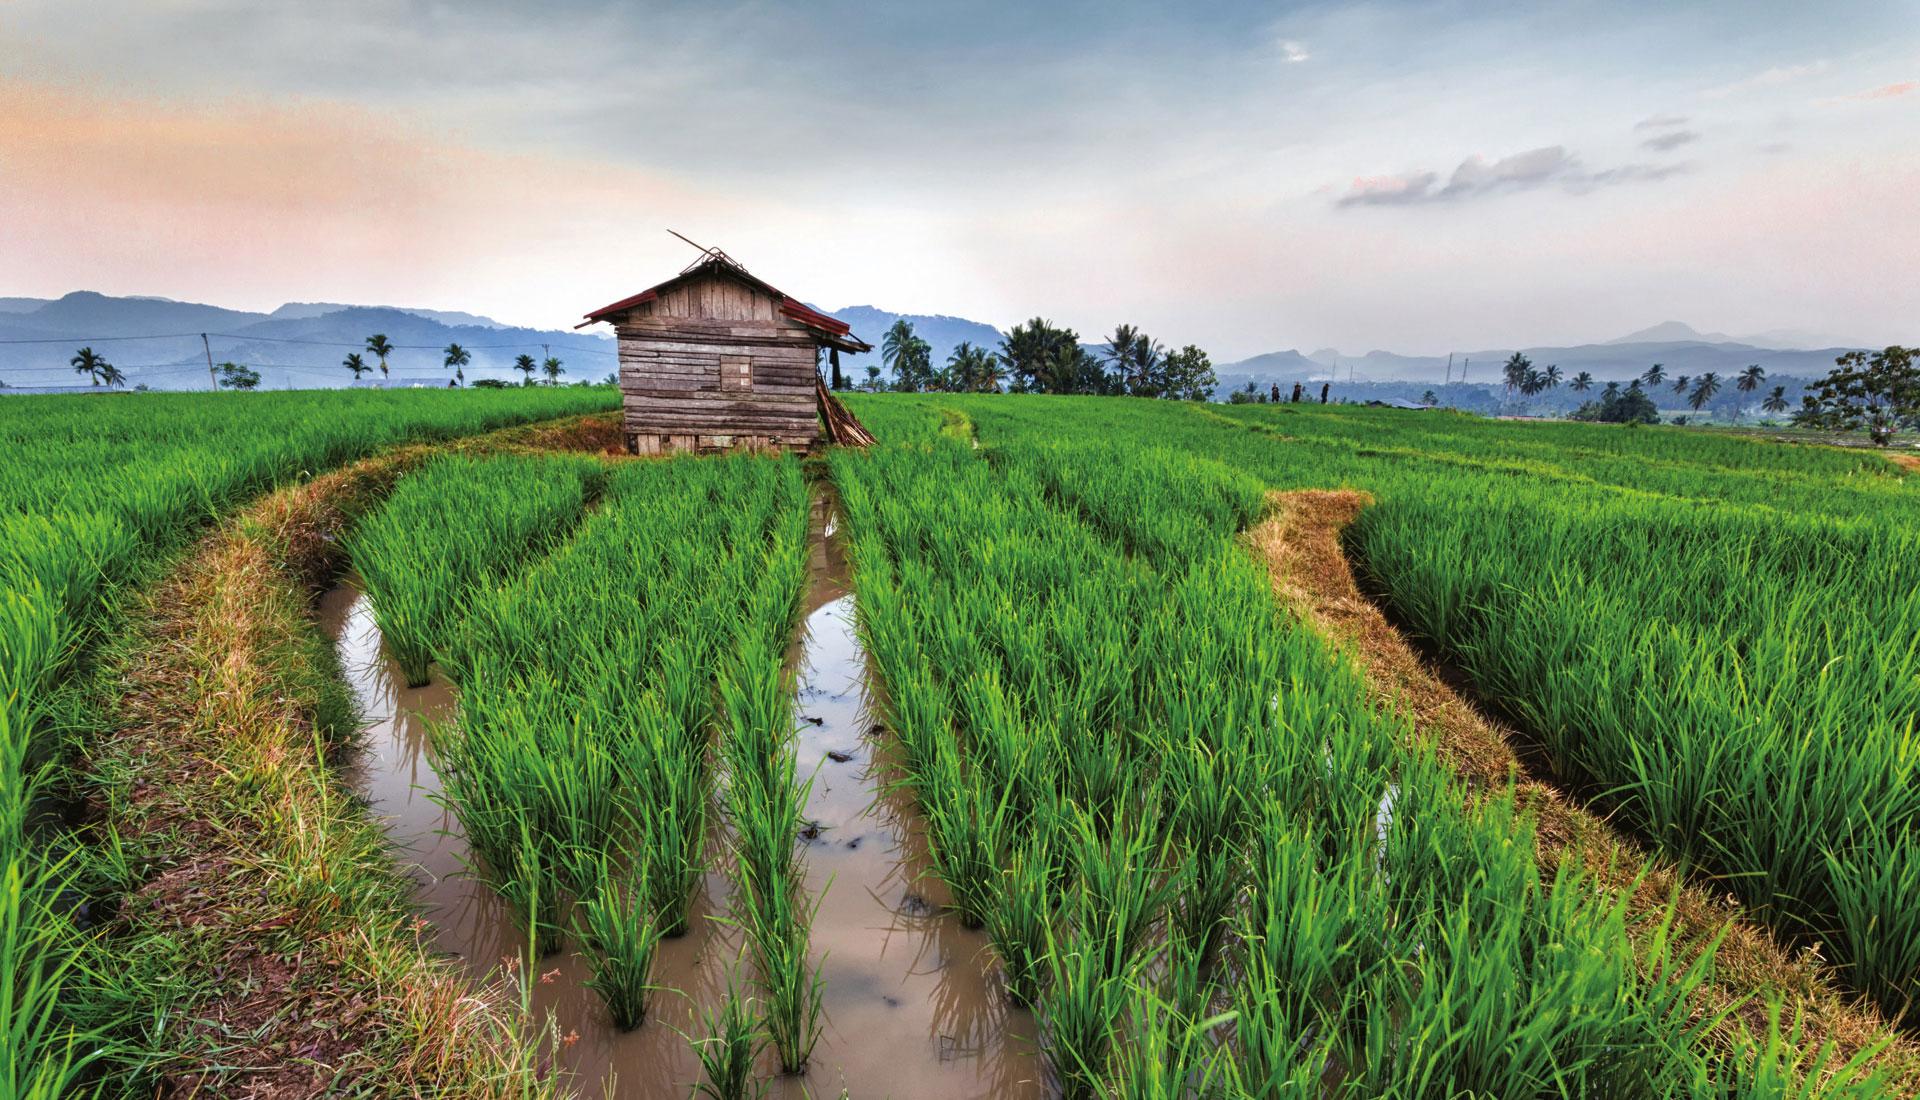 Malaisie-Bornéo - exotisme et modernité